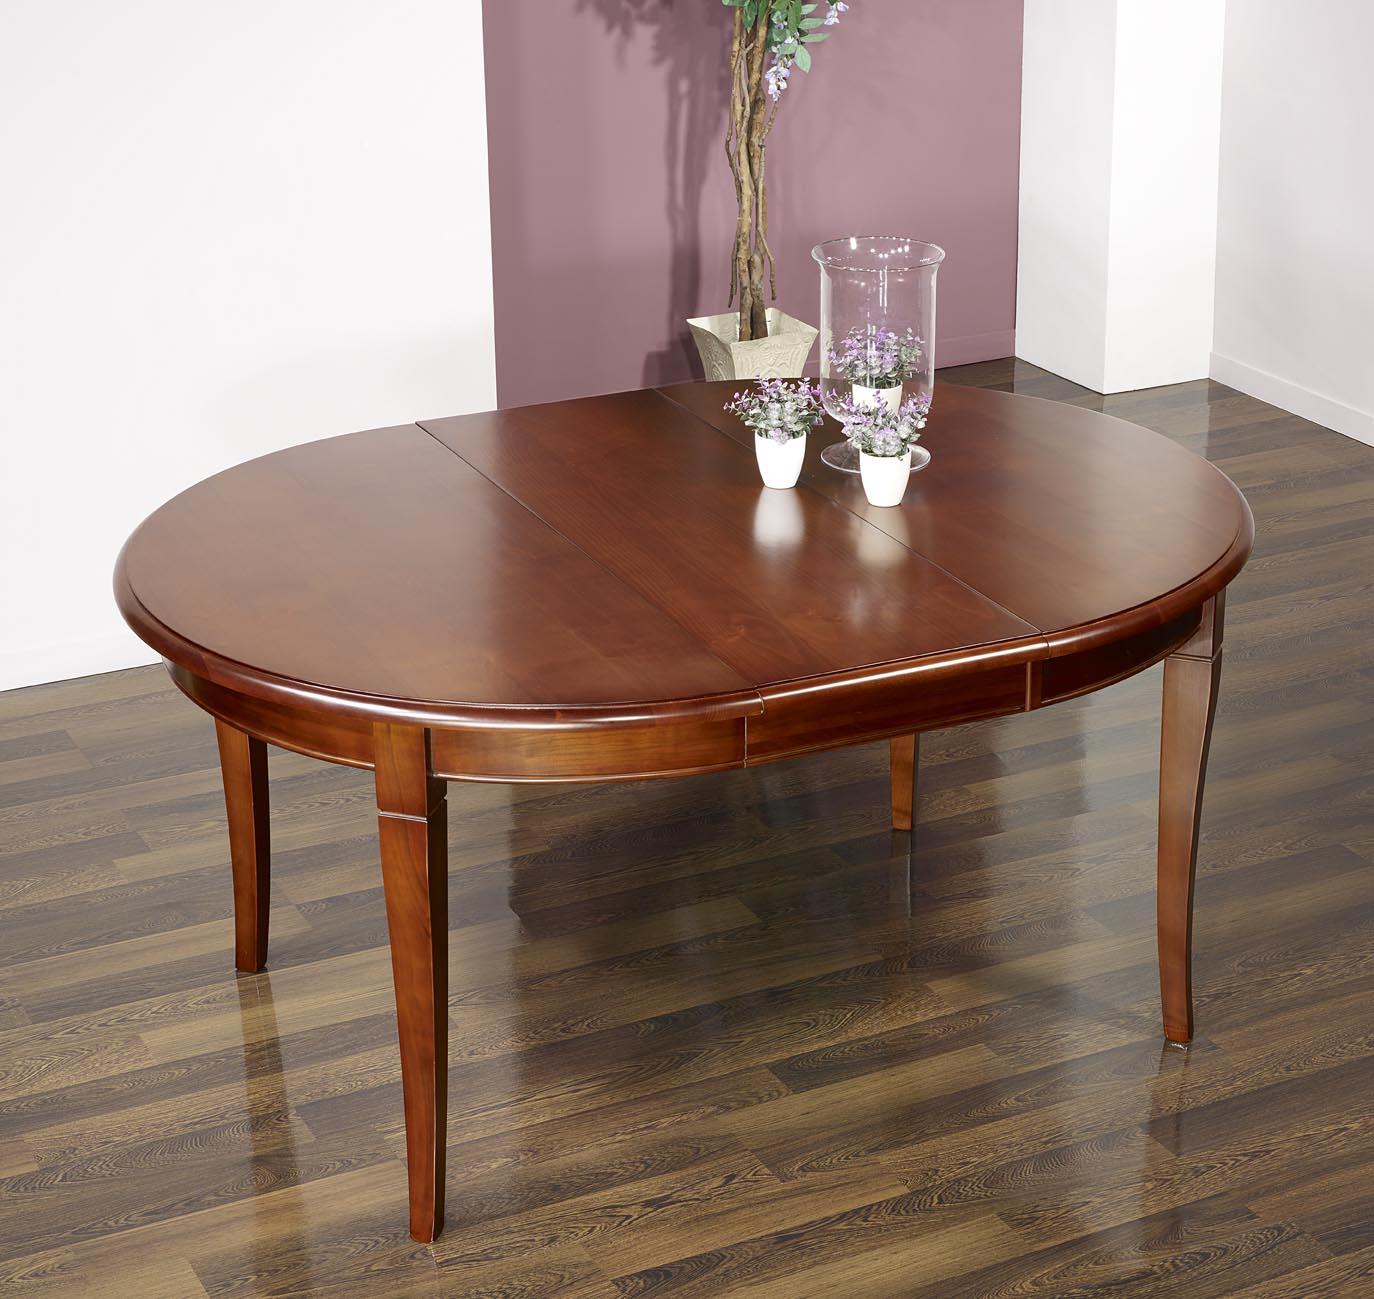 c5a0aedffa207 Table ronde 4 pieds sabres réalisée en Merisier Massif de style Louis  Philippe 3 allonges de ...